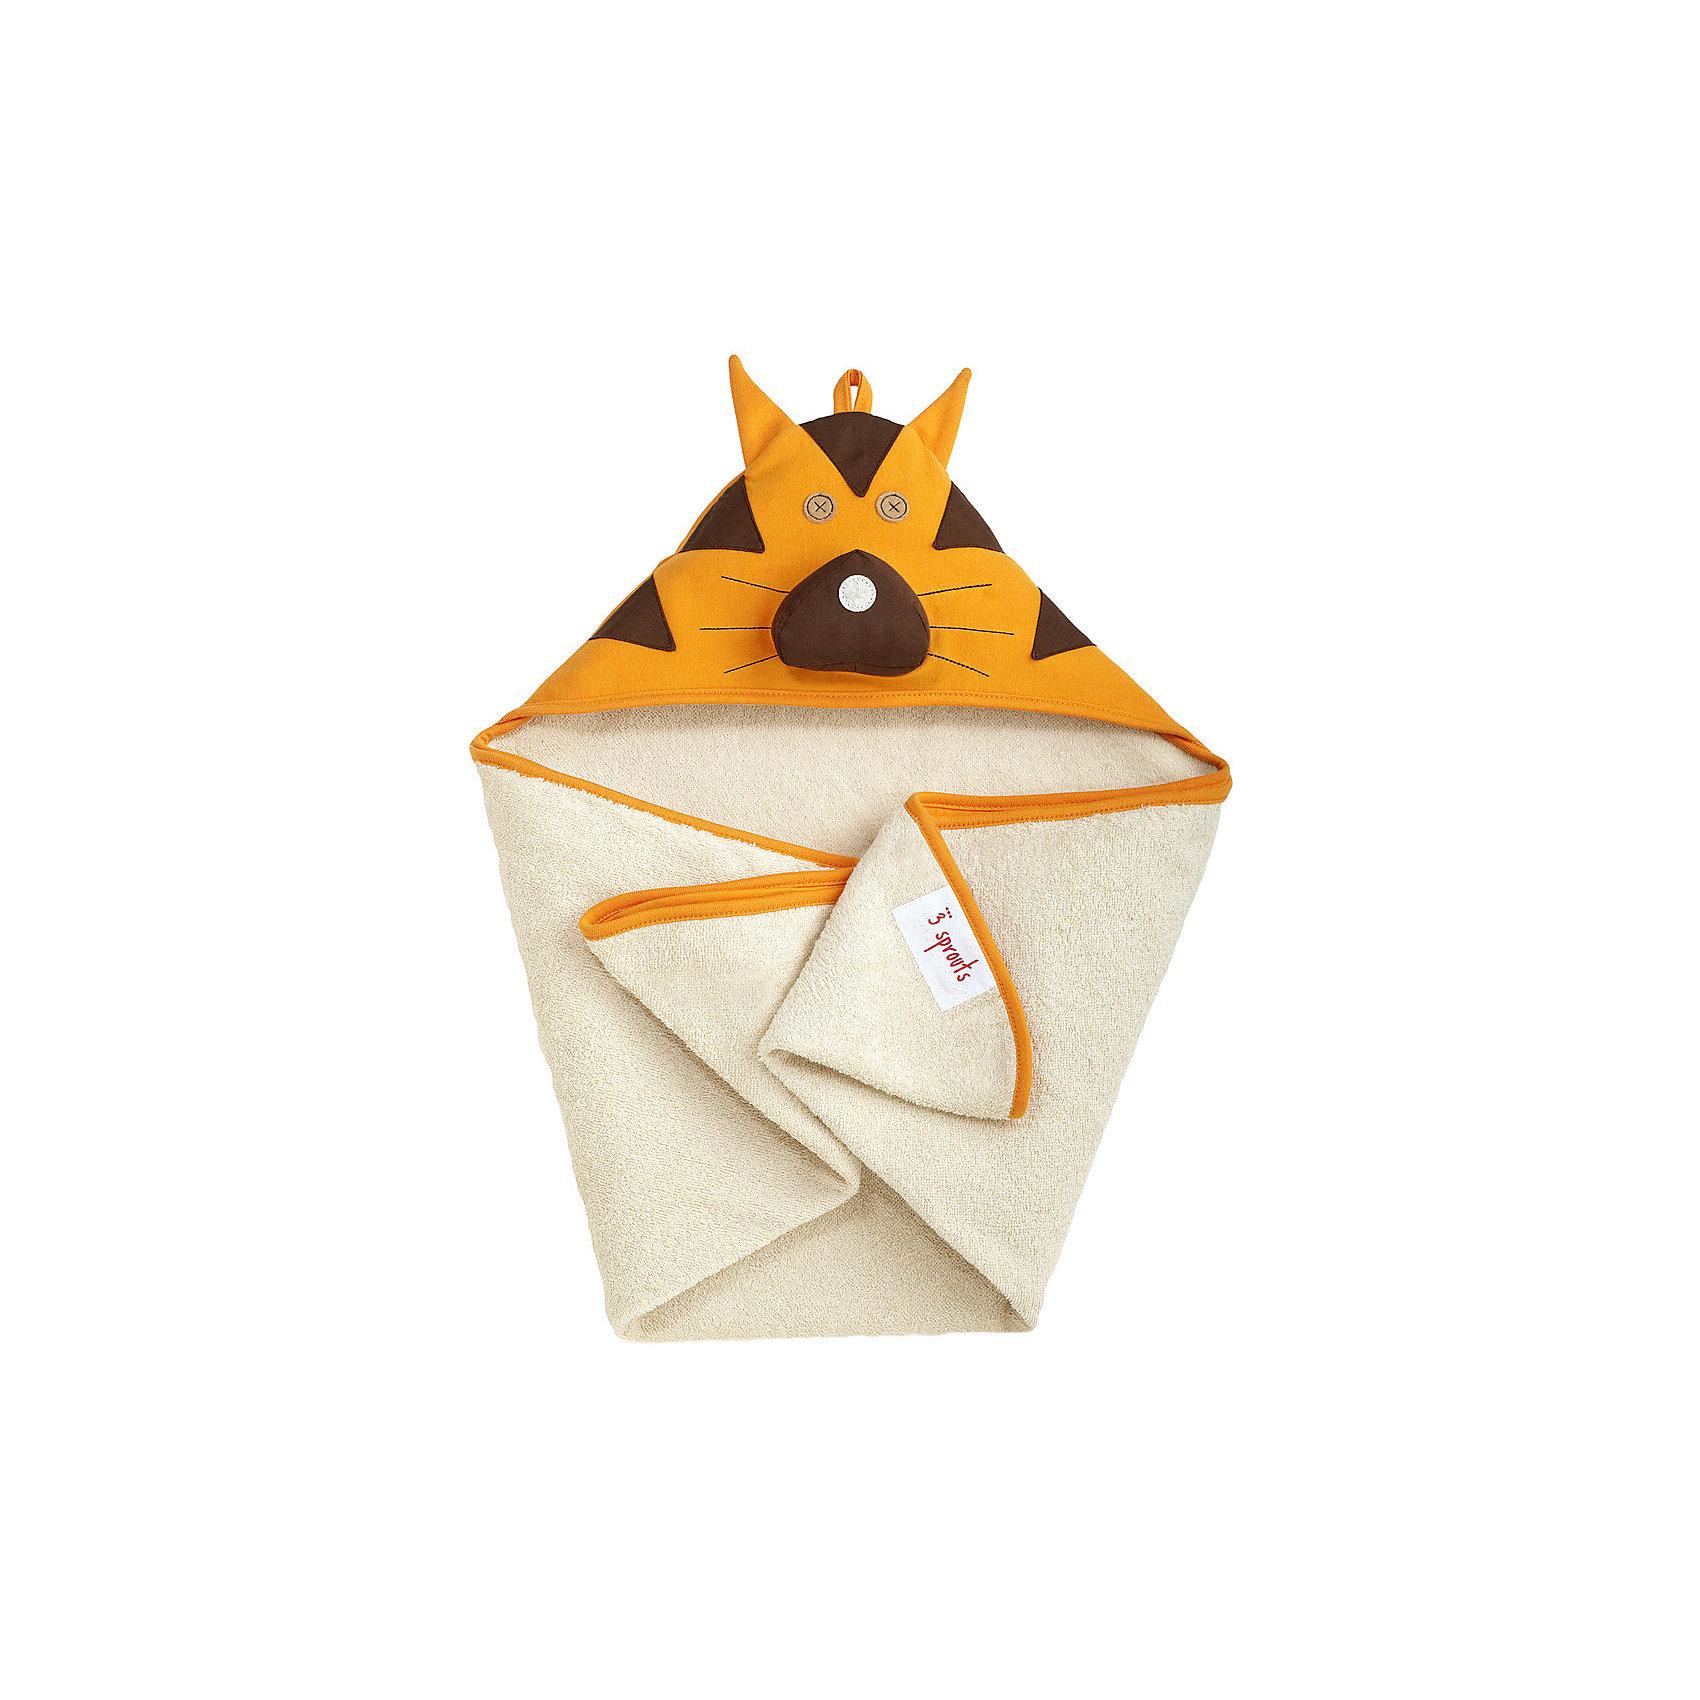 Полотенце с капюшоном Тигр (Orange Tiger), 3 SproutsМилое полотенце для маленькой крохи. Махровое изнутри, а внешний слой изготовлен из 100% хлопка. <br><br>Дополнительная информация:<br><br>- Размер полотенца: 76х76 см.<br>- Материал: 100% хлопок снаружи, махровая ткань изнутри.<br>- Уход: деликатная стирка в холодной воде.<br><br>Купить полотенце с капюшоном Тигр (Orange Tiger), можно в нашем магазине.<br><br>Ширина мм: 260<br>Глубина мм: 20<br>Высота мм: 330<br>Вес г: 402<br>Возраст от месяцев: 0<br>Возраст до месяцев: 18<br>Пол: Унисекс<br>Возраст: Детский<br>SKU: 5098202